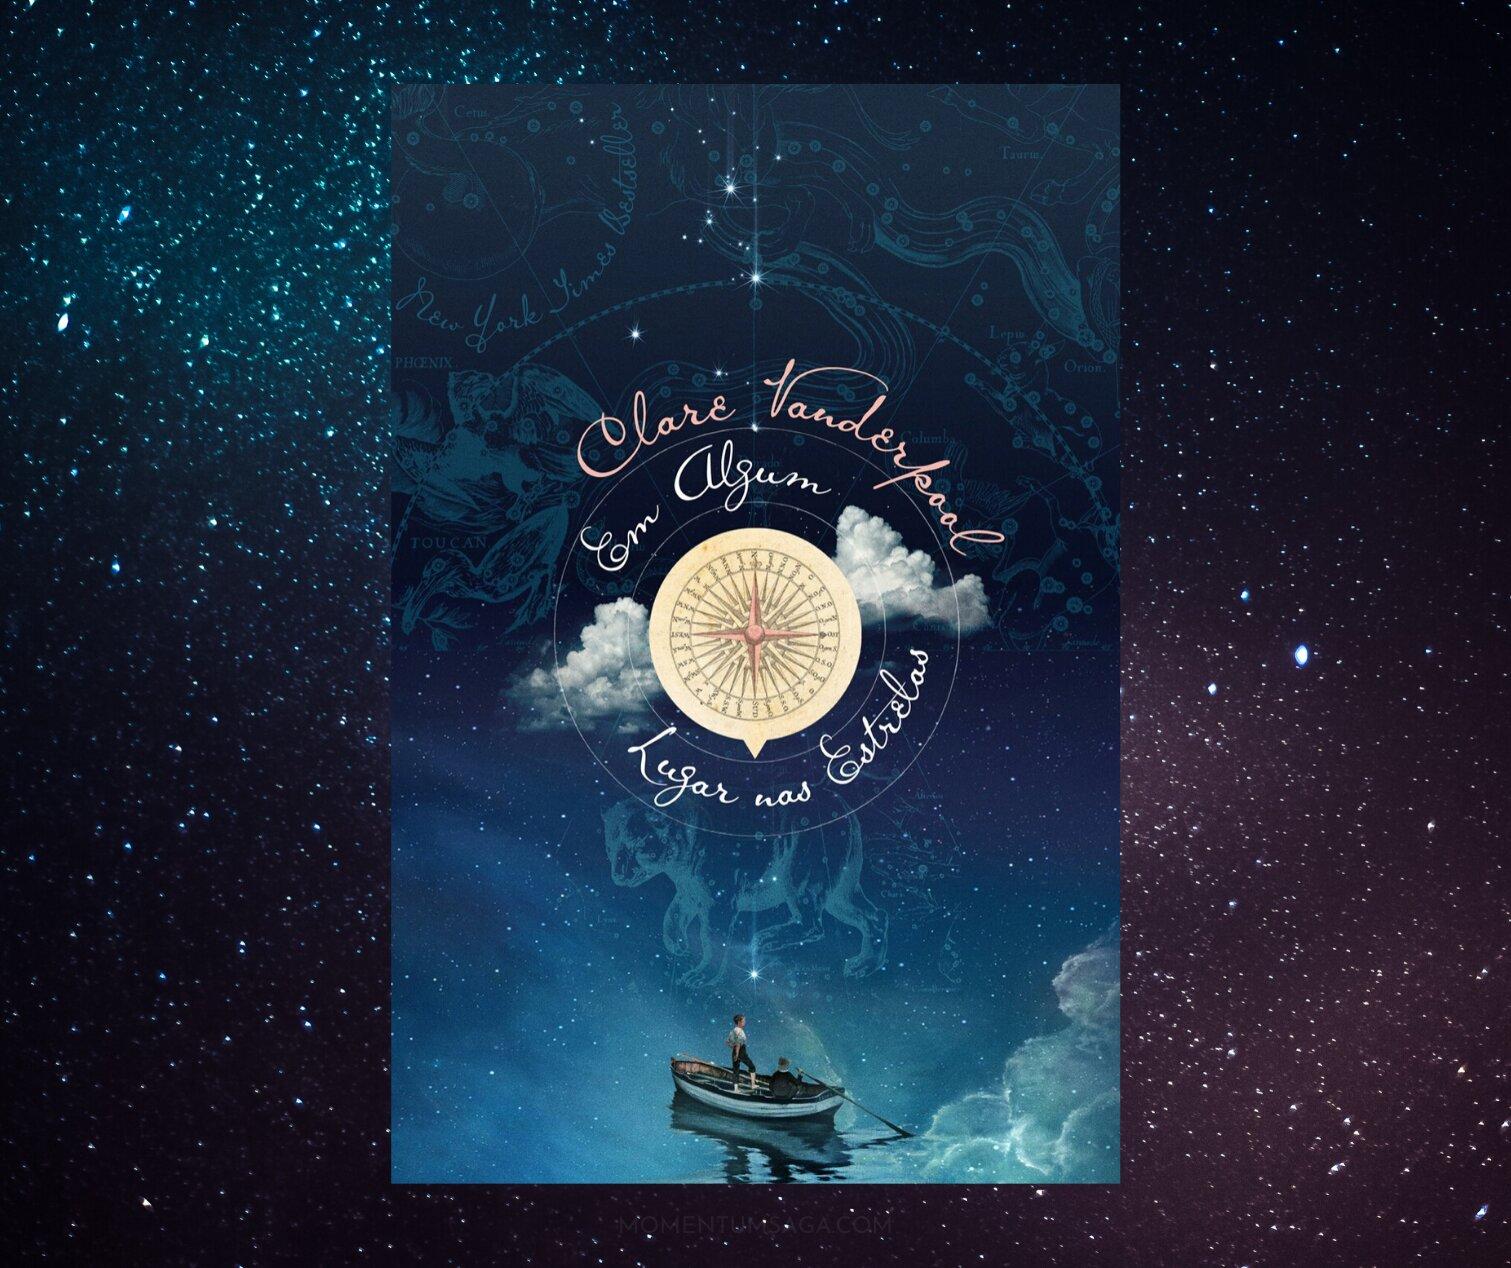 Resenha: Em Algum Lugar nas Estrelas, de Clare Vanderpool